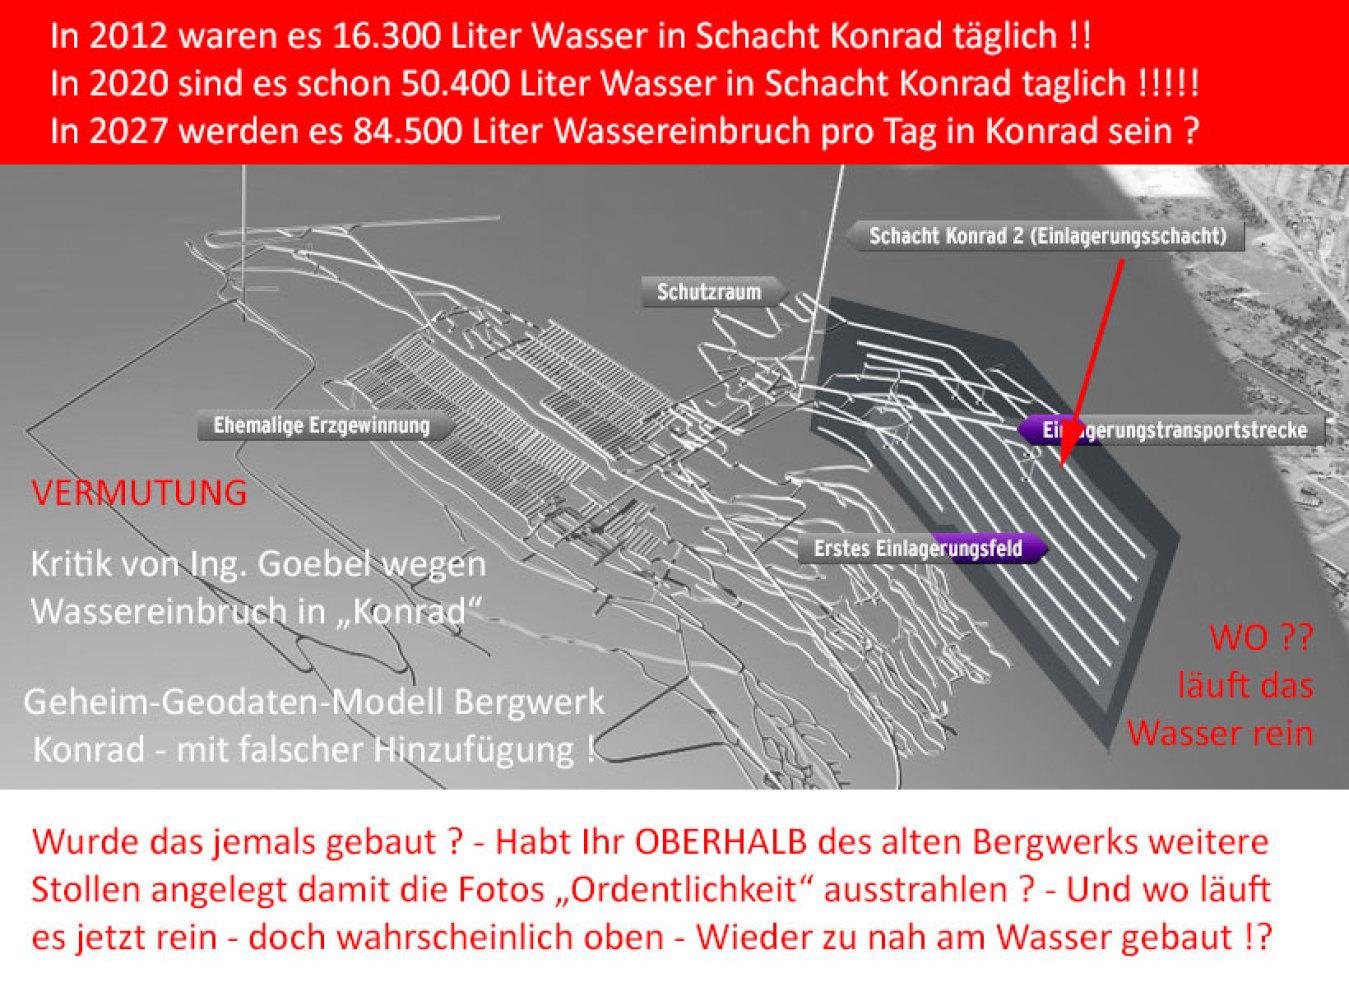 >>> Vermutung : Unklarheiten im Konrad 3D Modell - Hinzufügung über dem Bestands-Bergwerk - und wo läuft jetzt das Wasser rein ? Sollte es mal wieder einfacher werden ? - #Konrad #Architektur #Fehler #BGE #Strafanzeige